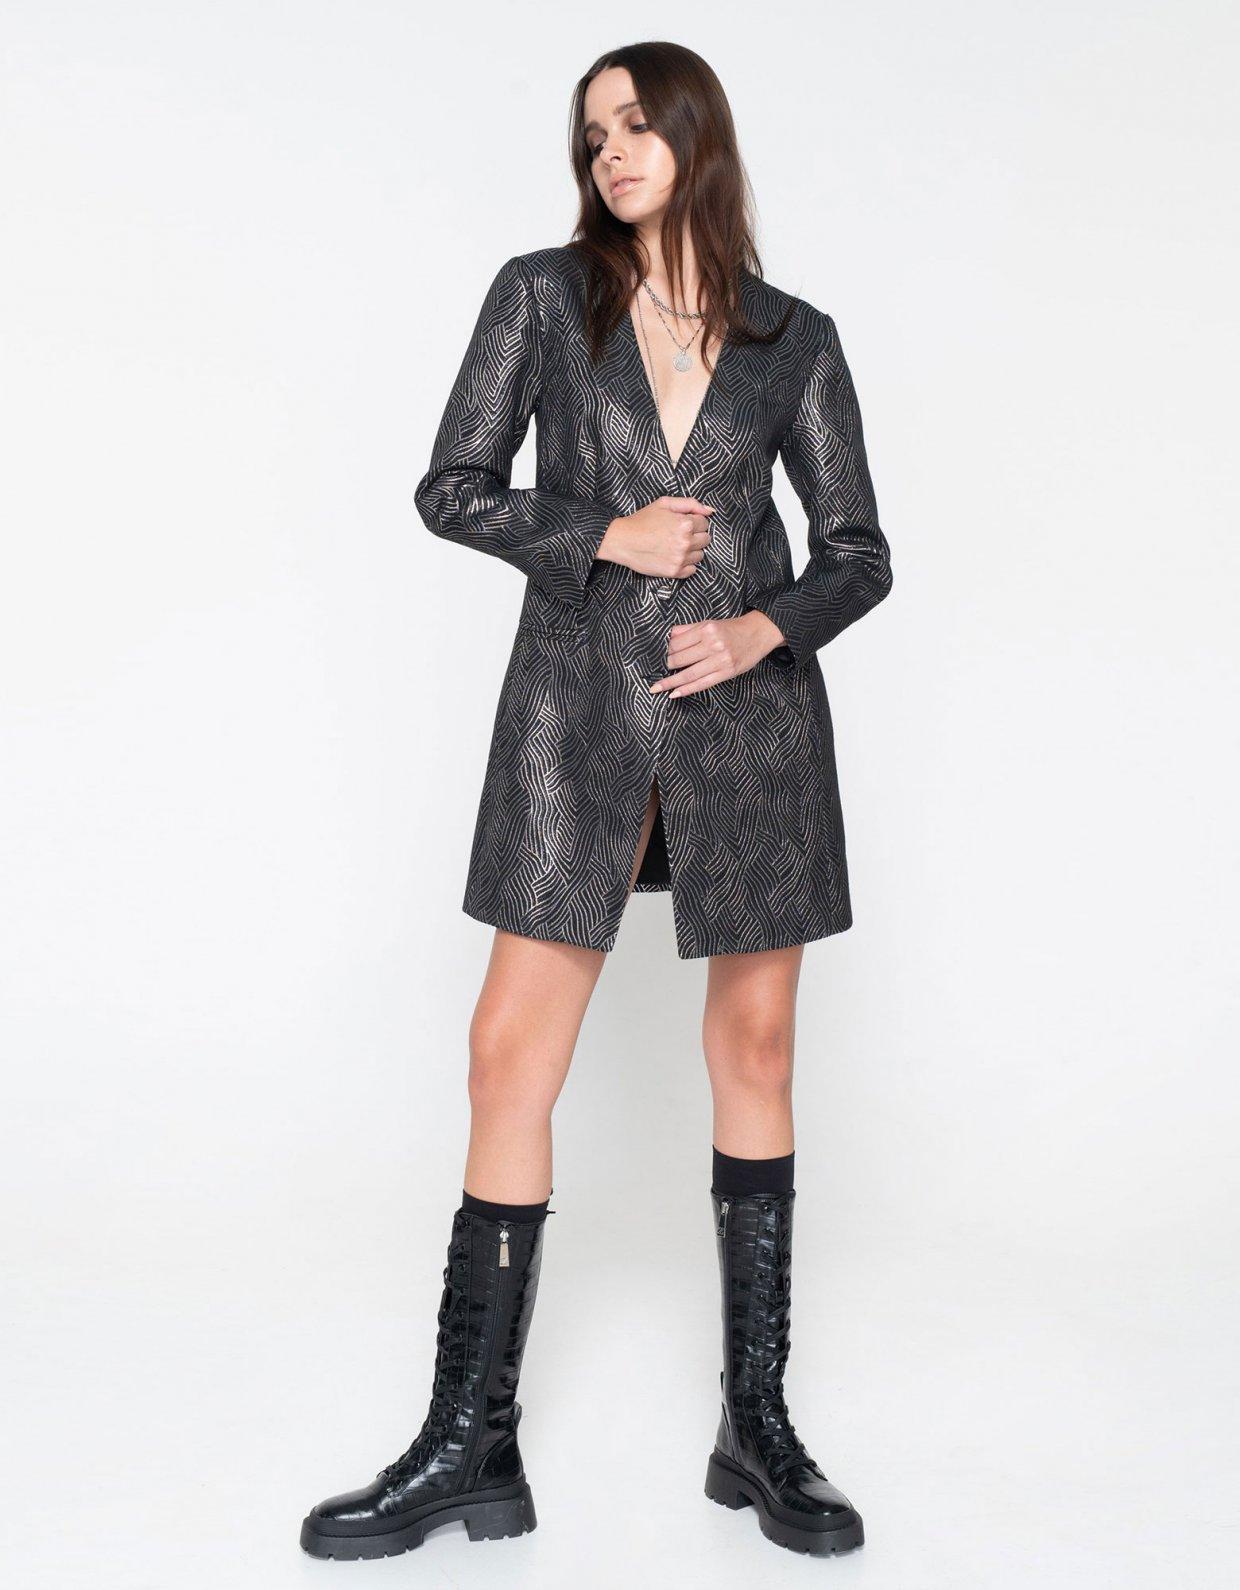 Nadia Rapti Rolling Stones lurex suit